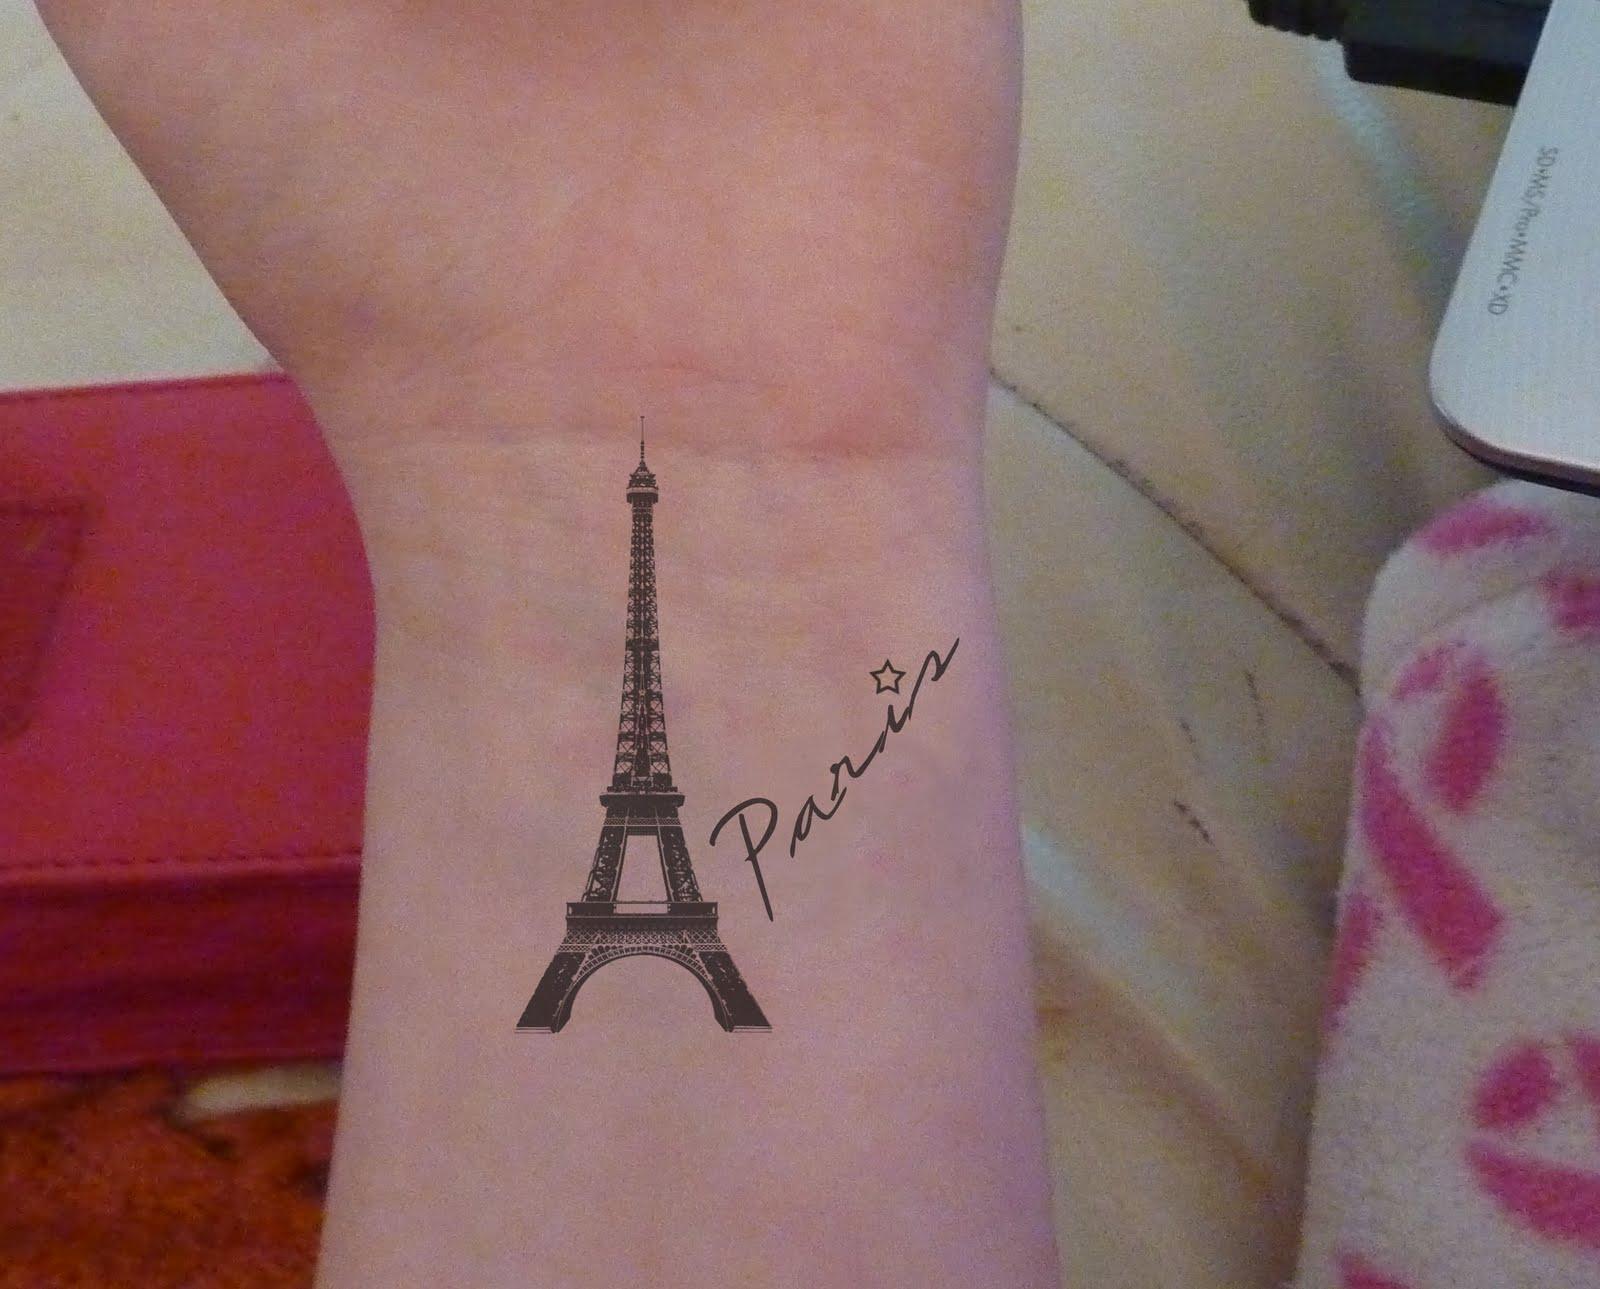 Ph n vinh eiffel tower tattoos for women for Salon tattoo paris